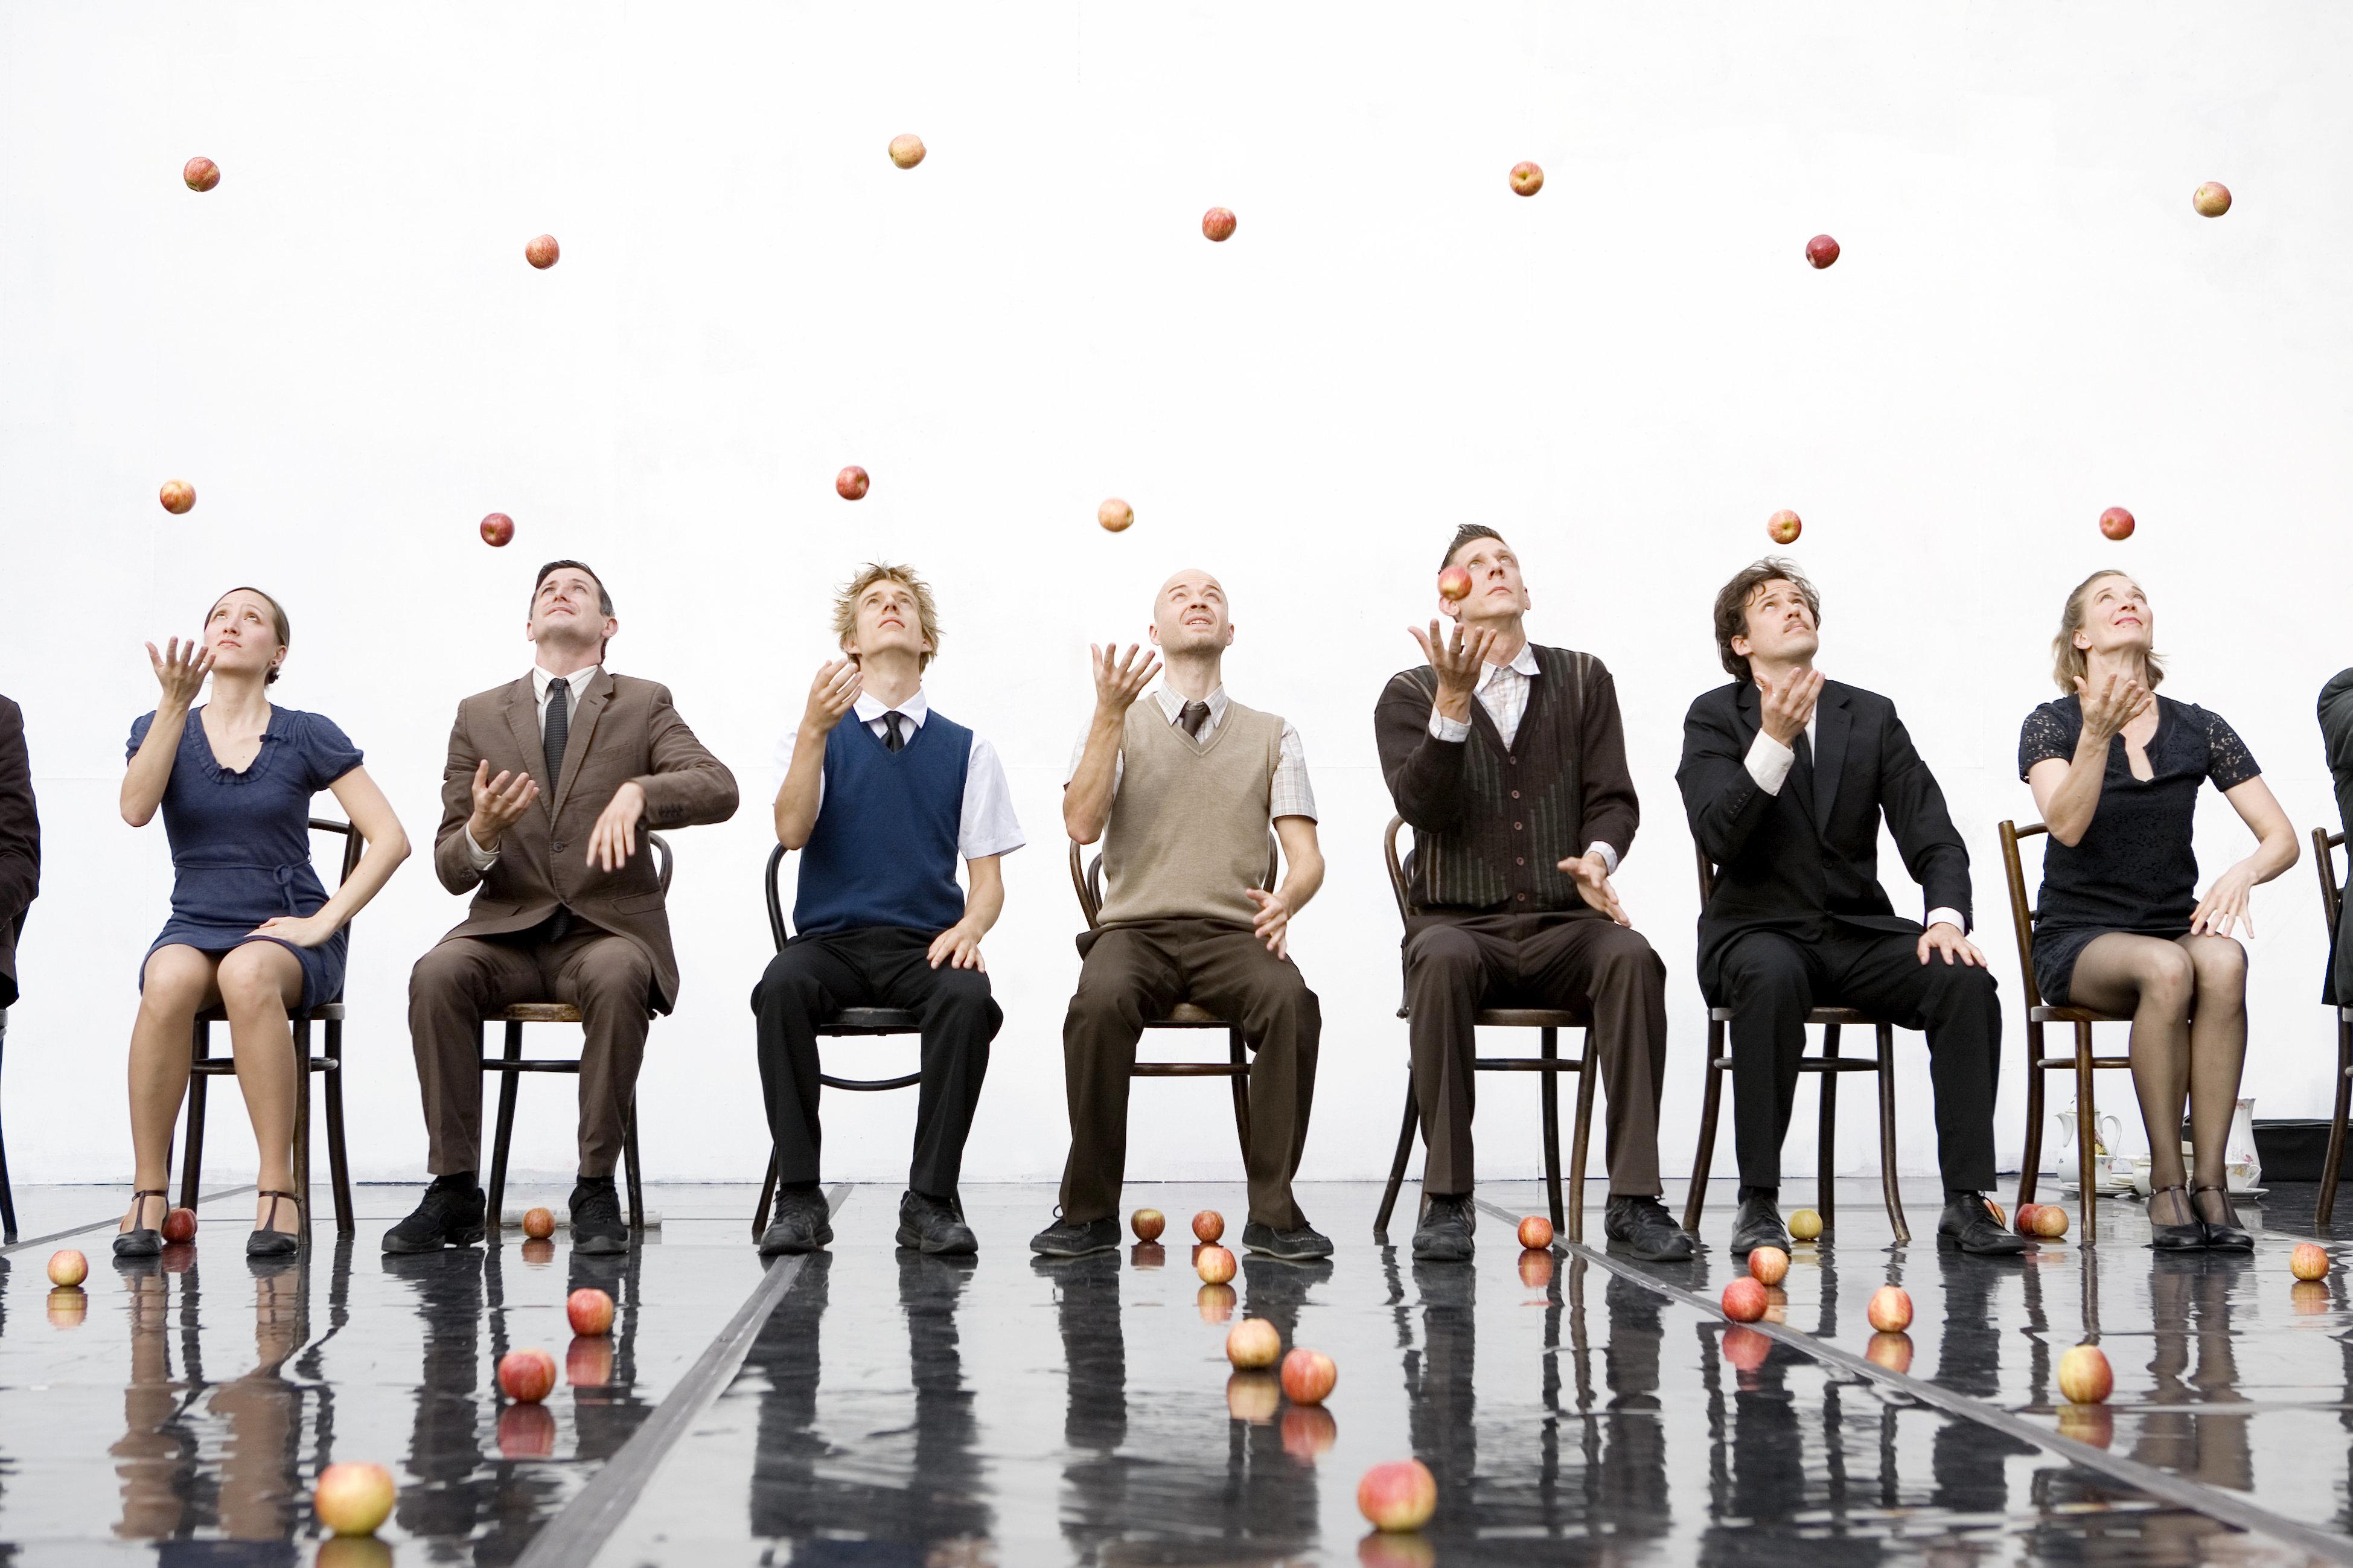 «Smashed»: 80 μήλα, 9 performers, 4 σερβίτσια και μια πρόσκληση για τσάι στο